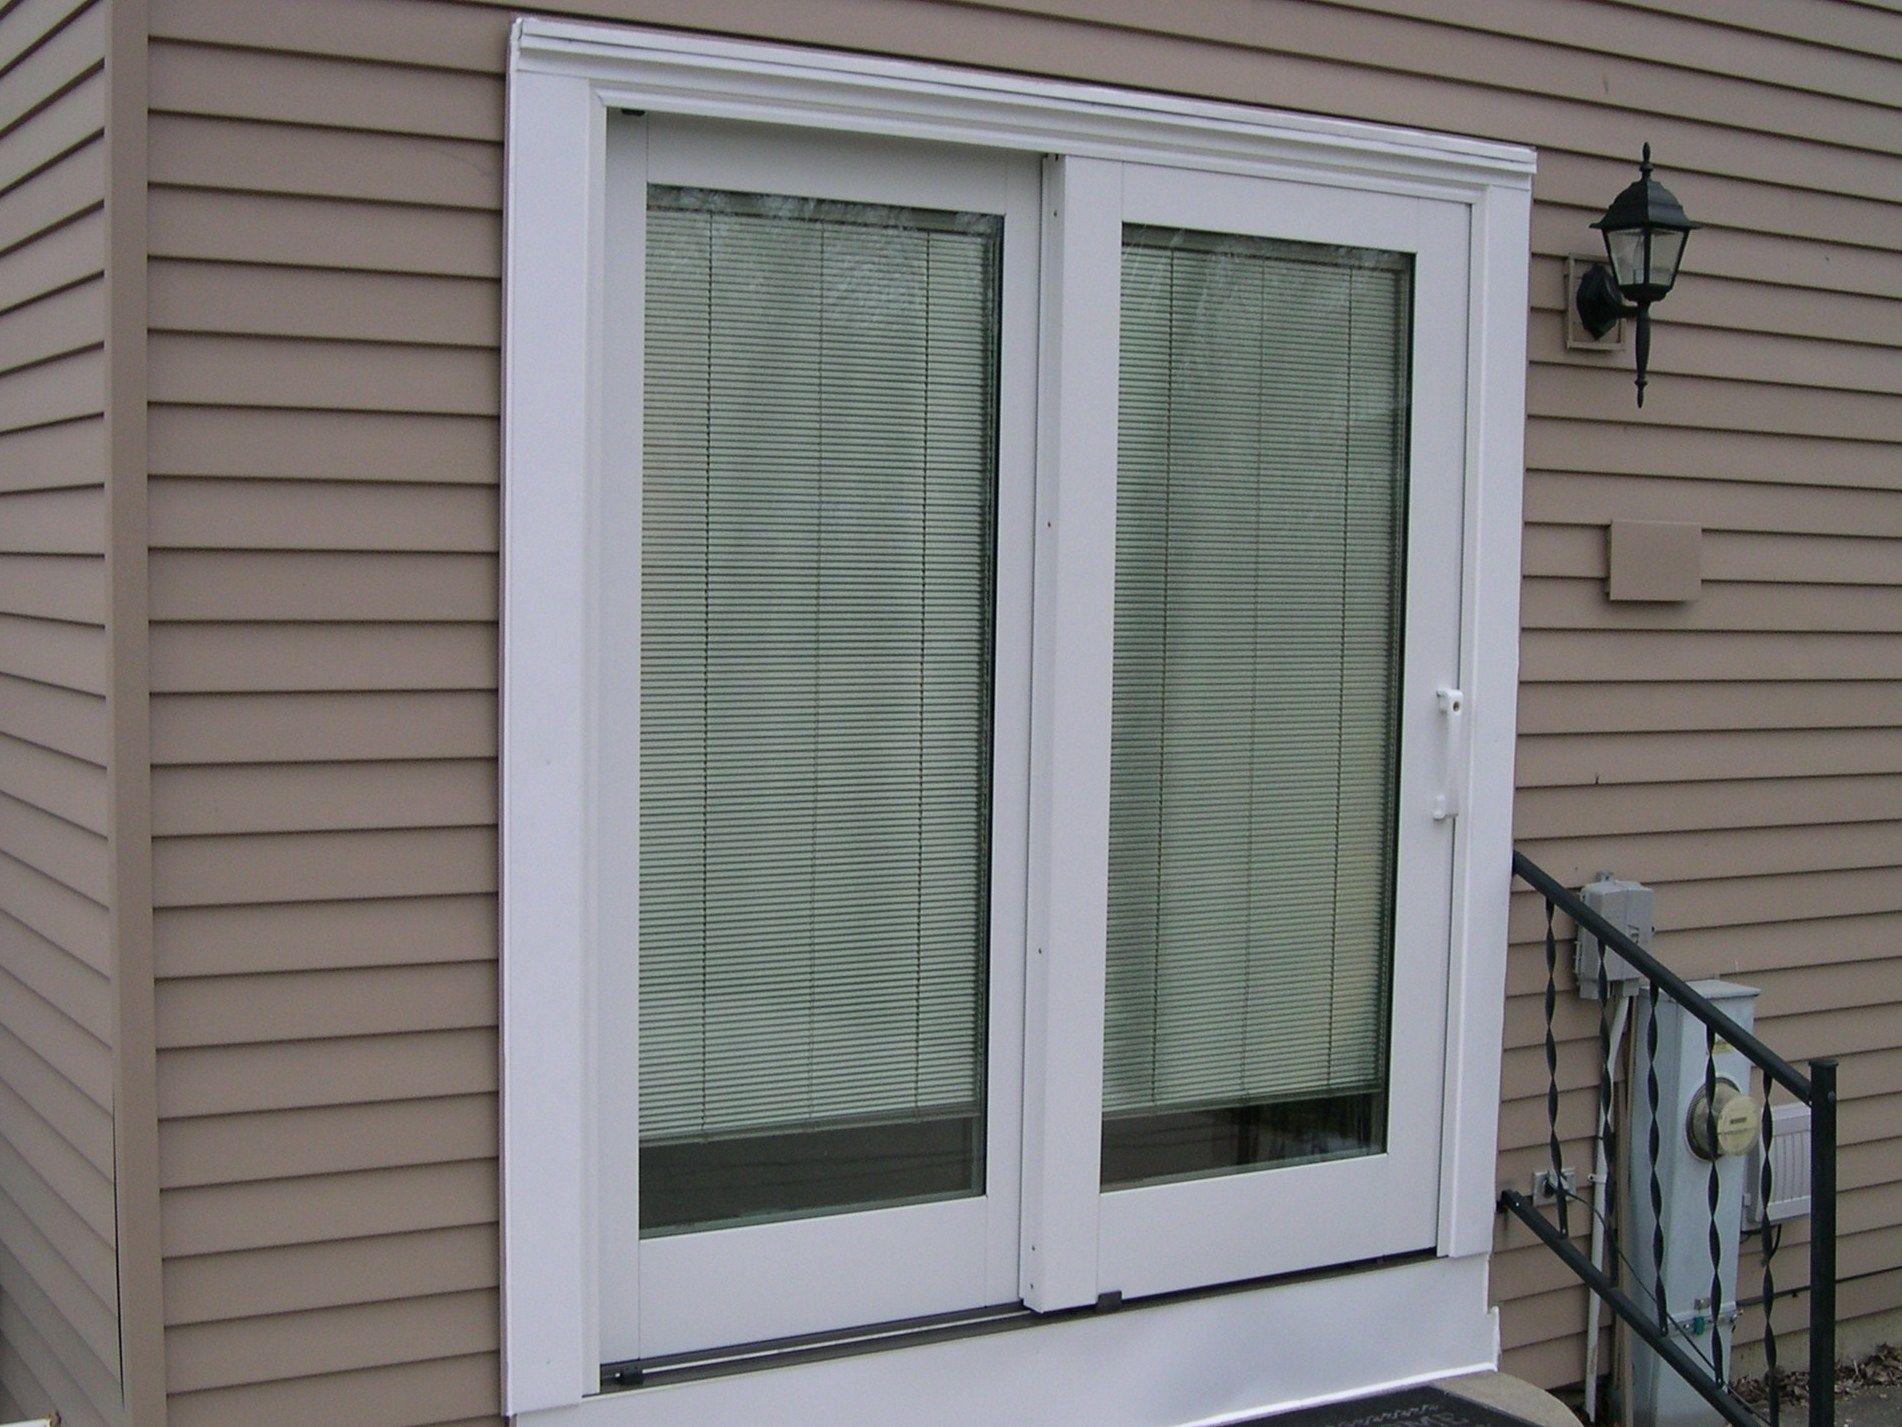 Pella Sliding Patio Door Blinds Between Glass